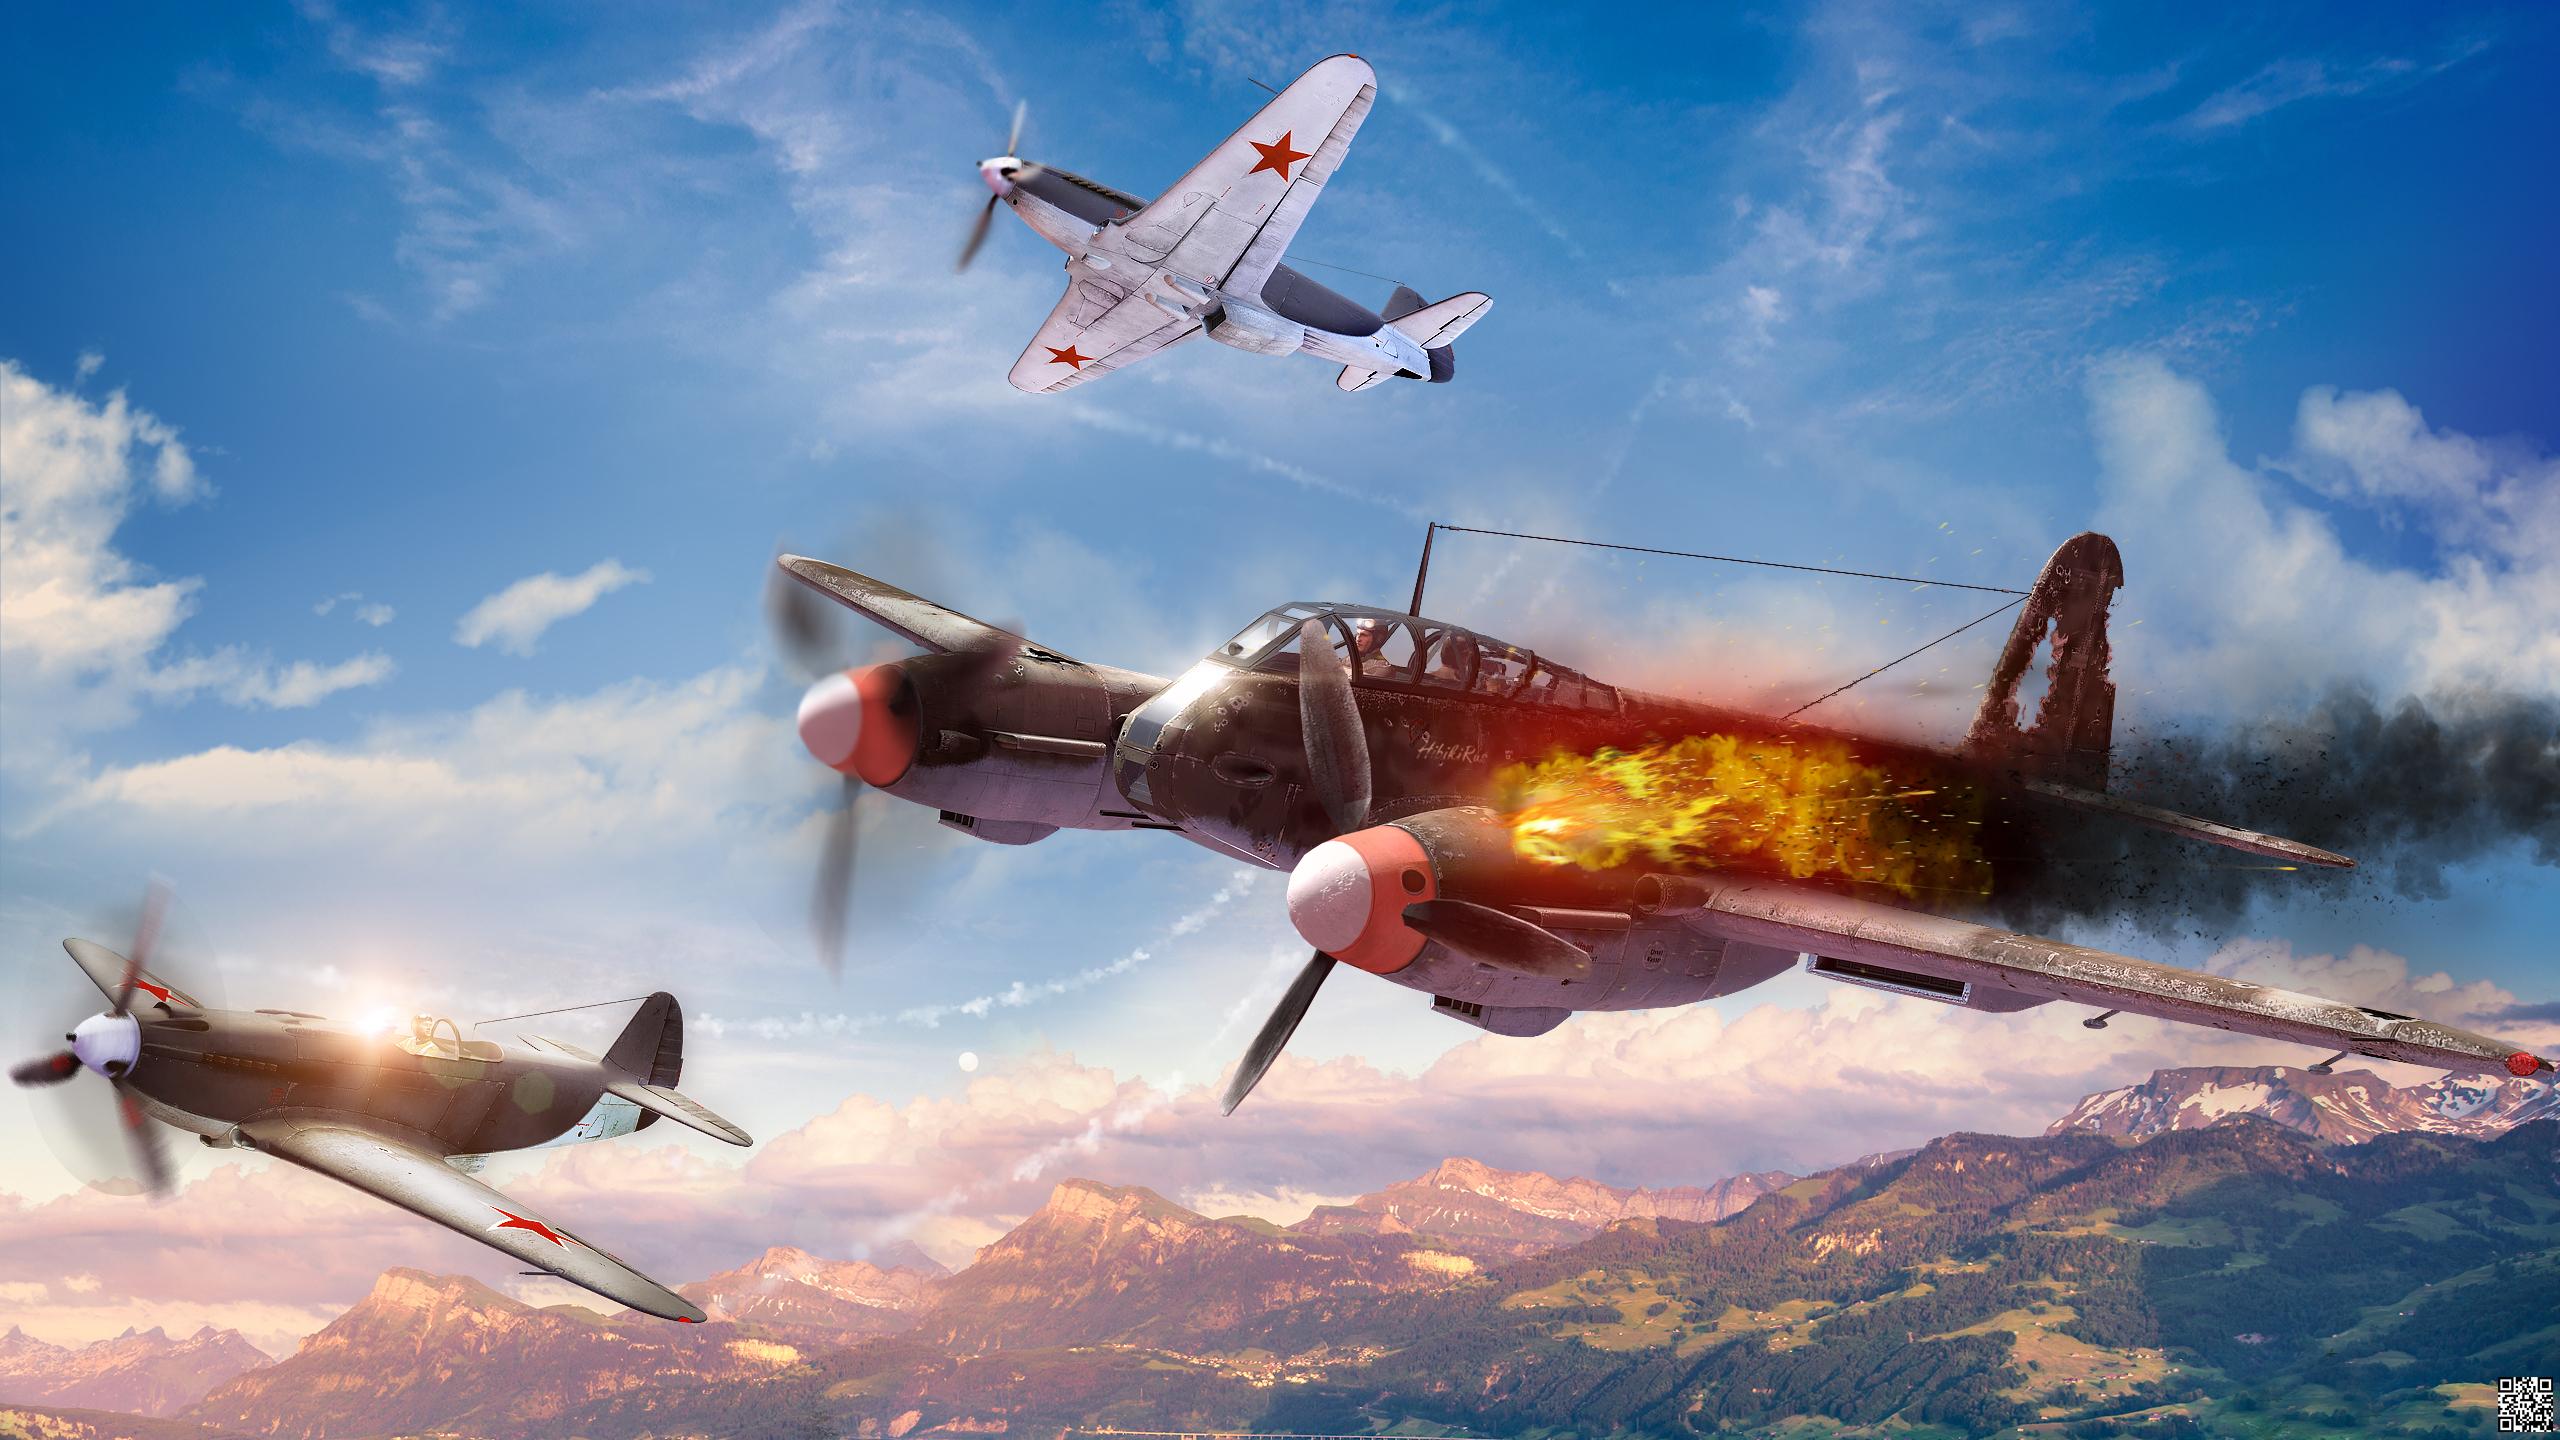 Обои Ме-410, war thunder, Самолёт, истребитель, война, Облака. Игры foto 6